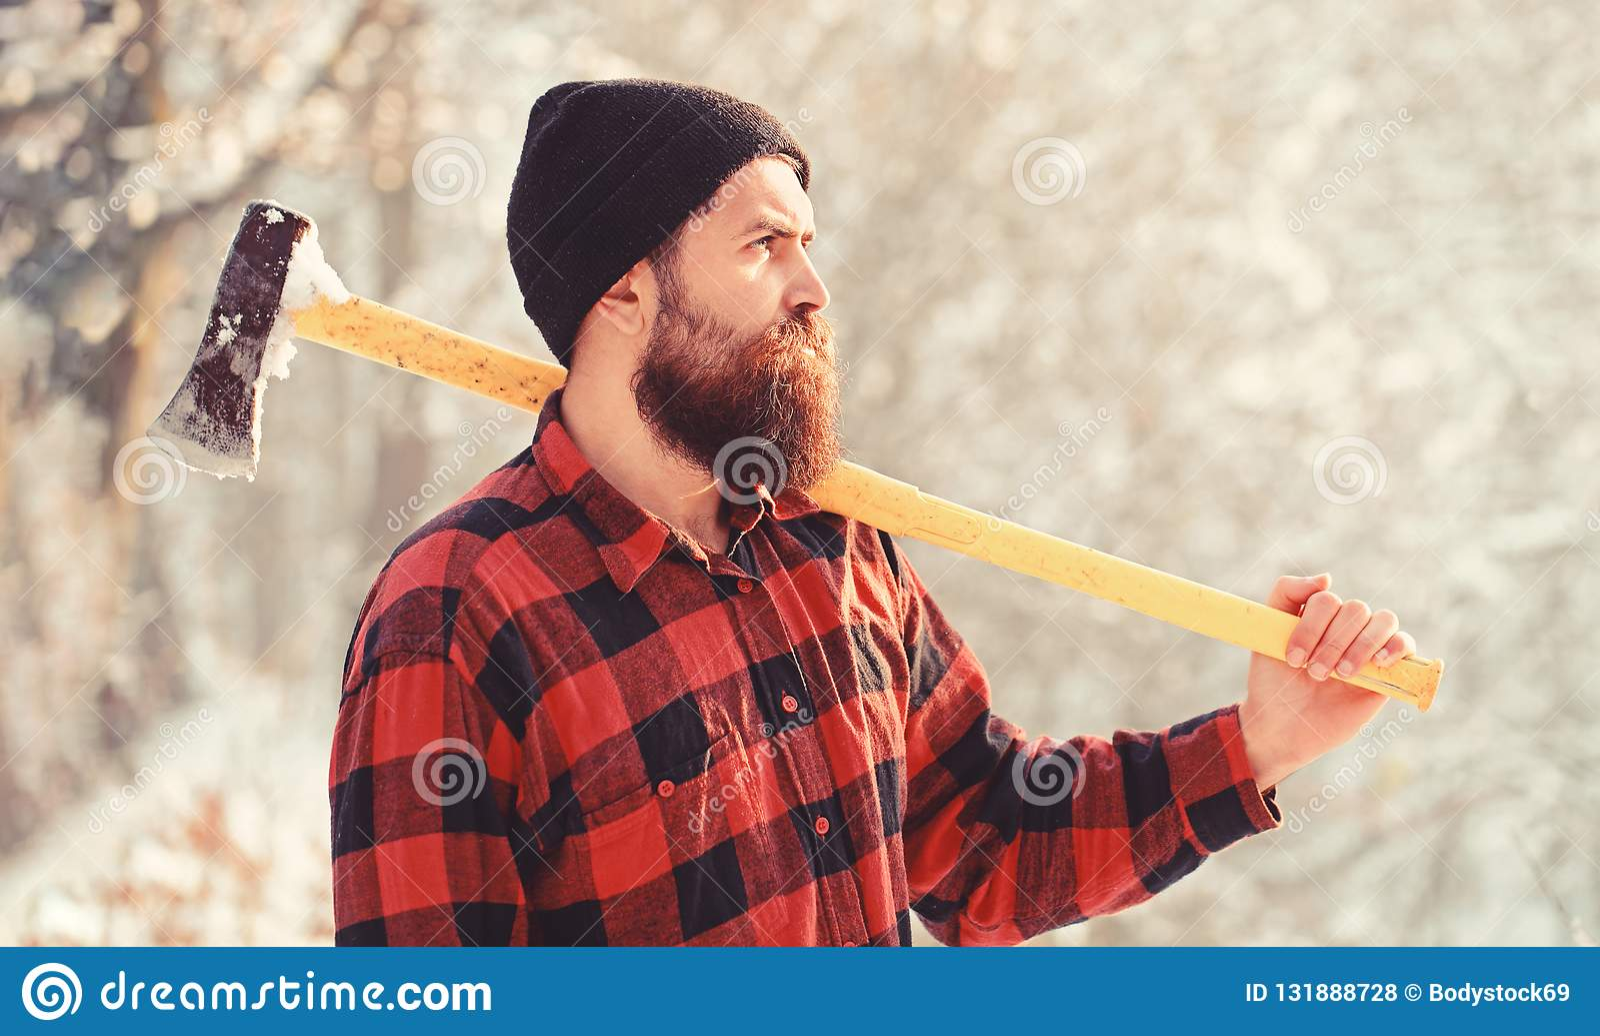 Stående av en skäggig skogsarbetare Skogsarbetare i träna med en yxa Skäggig man i hatt med en handyxa stilig man